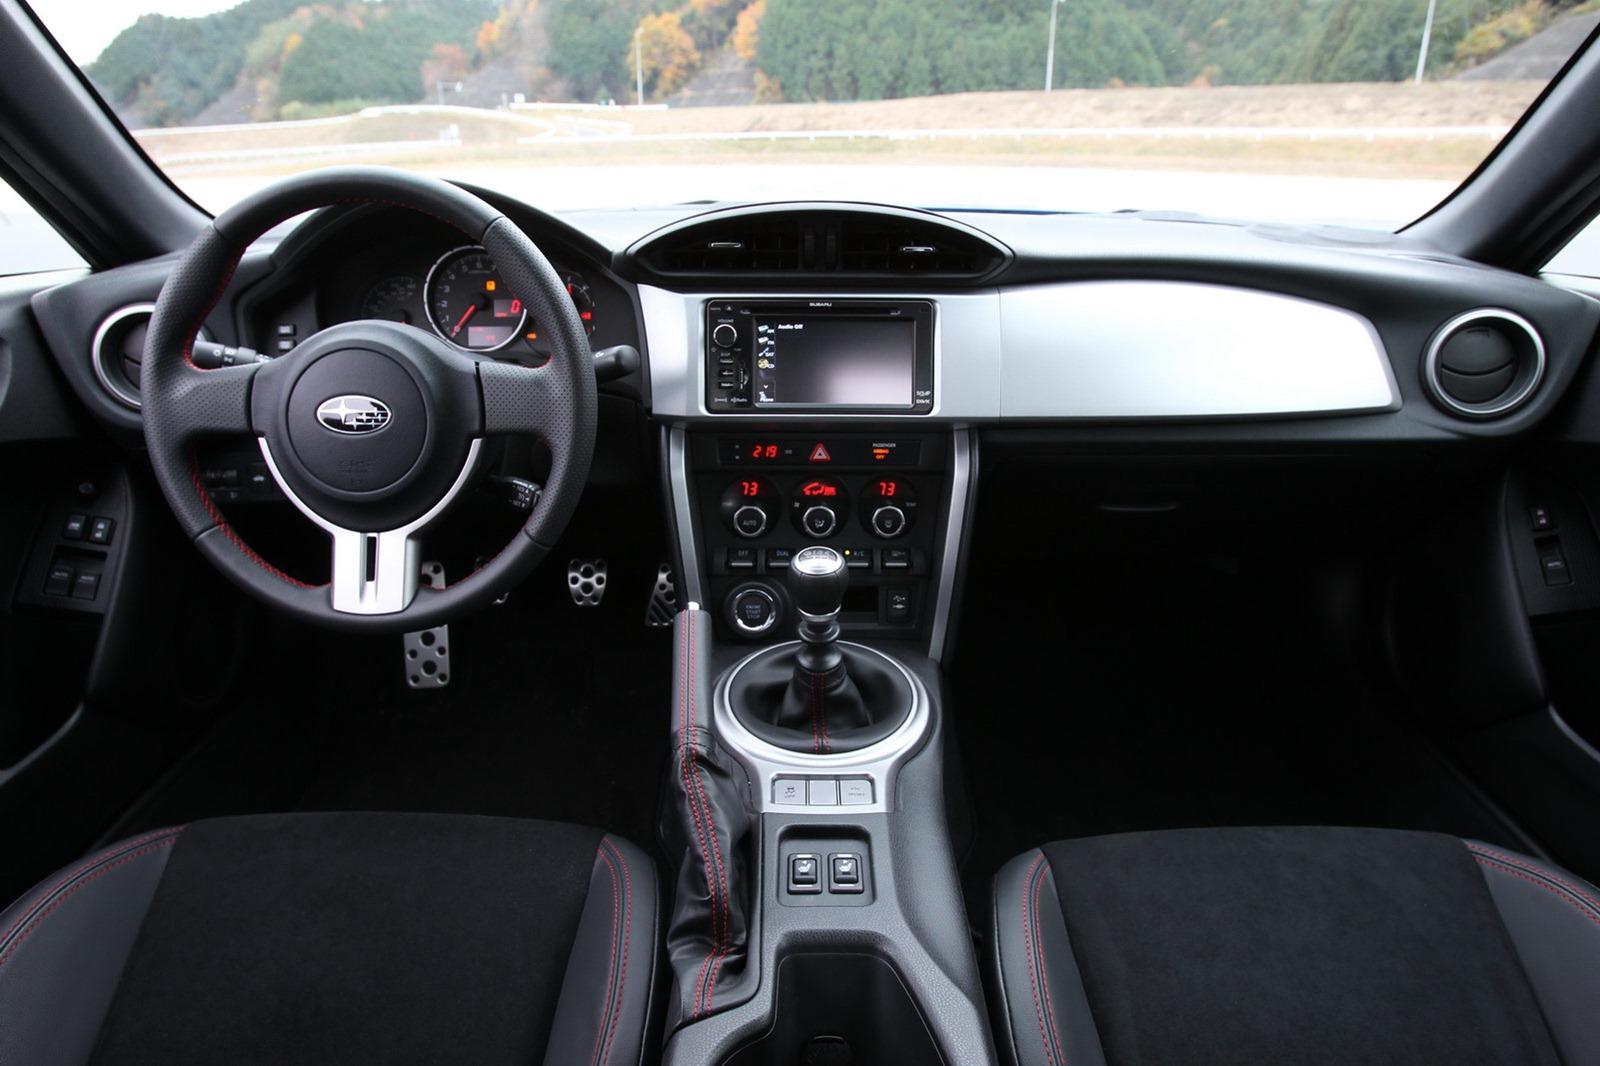 2013-Subaru-BRZ-Coupe-Interior-6.jpg?imgmax=1800